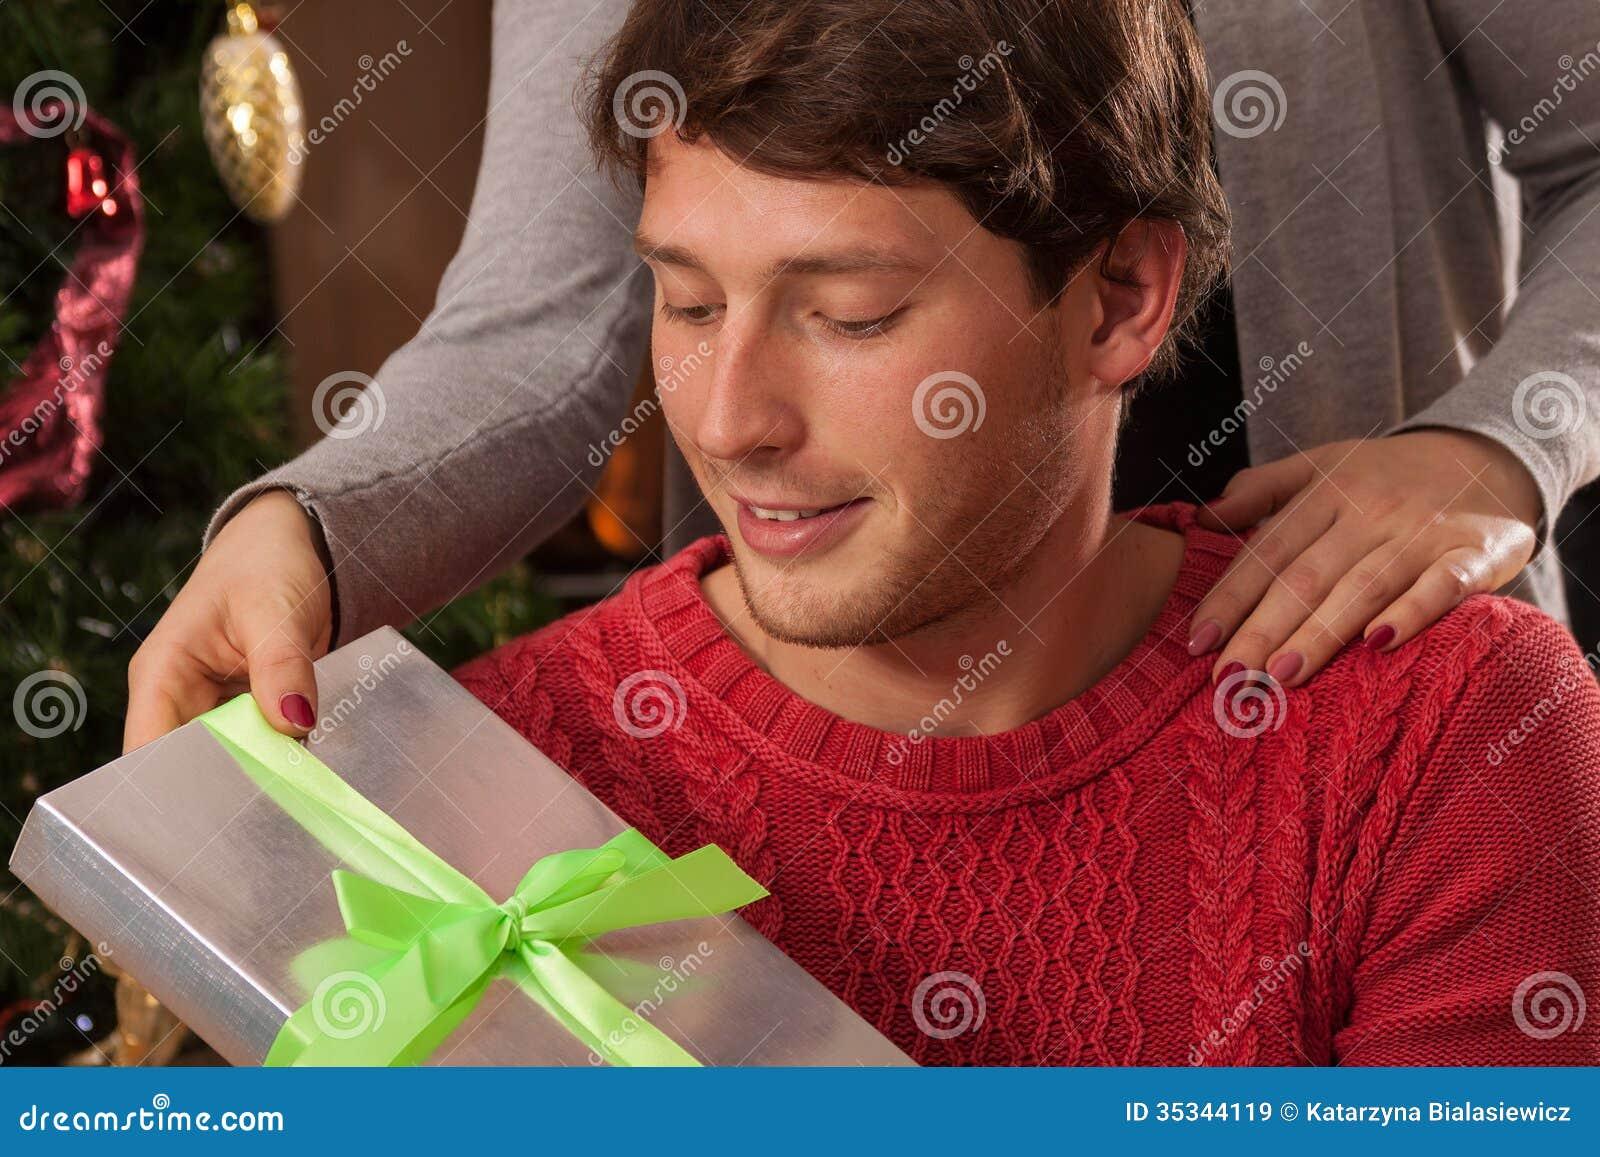 Weihnachtsgeschenk Von Frau Zu Ehemann Stockbild - Bild von person ...